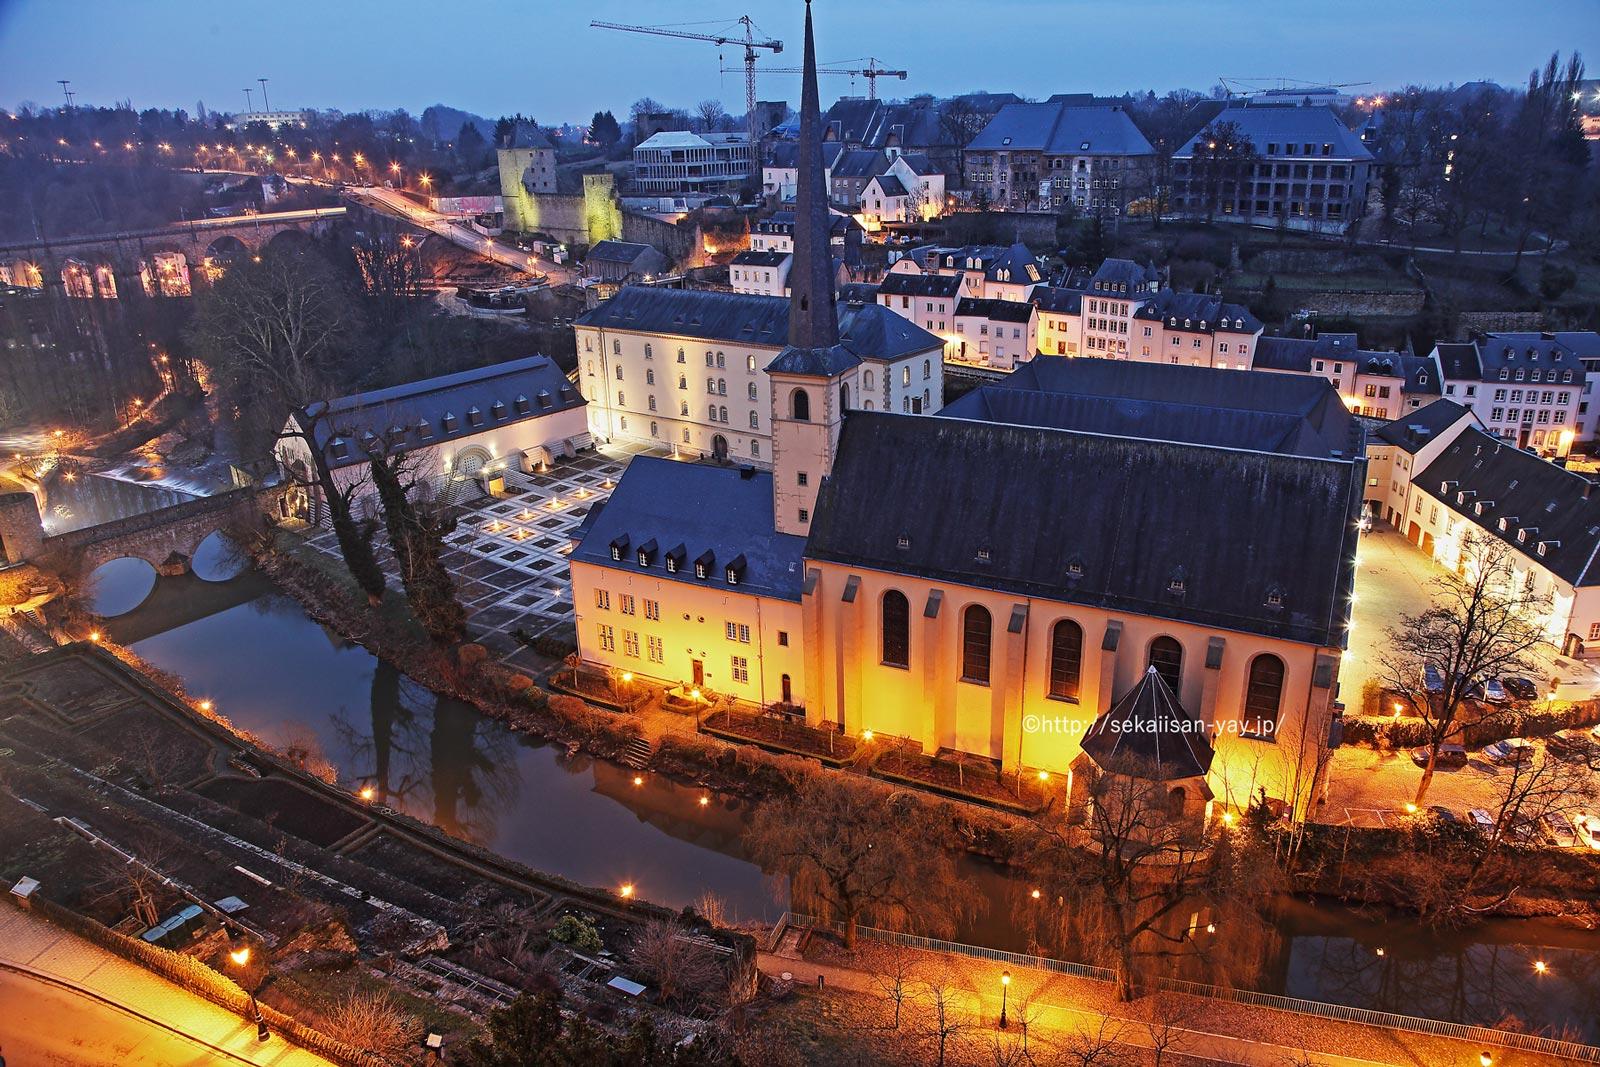 ルクセンブルク「ルクセンブルク市:その古い街並みと要塞群」夜景